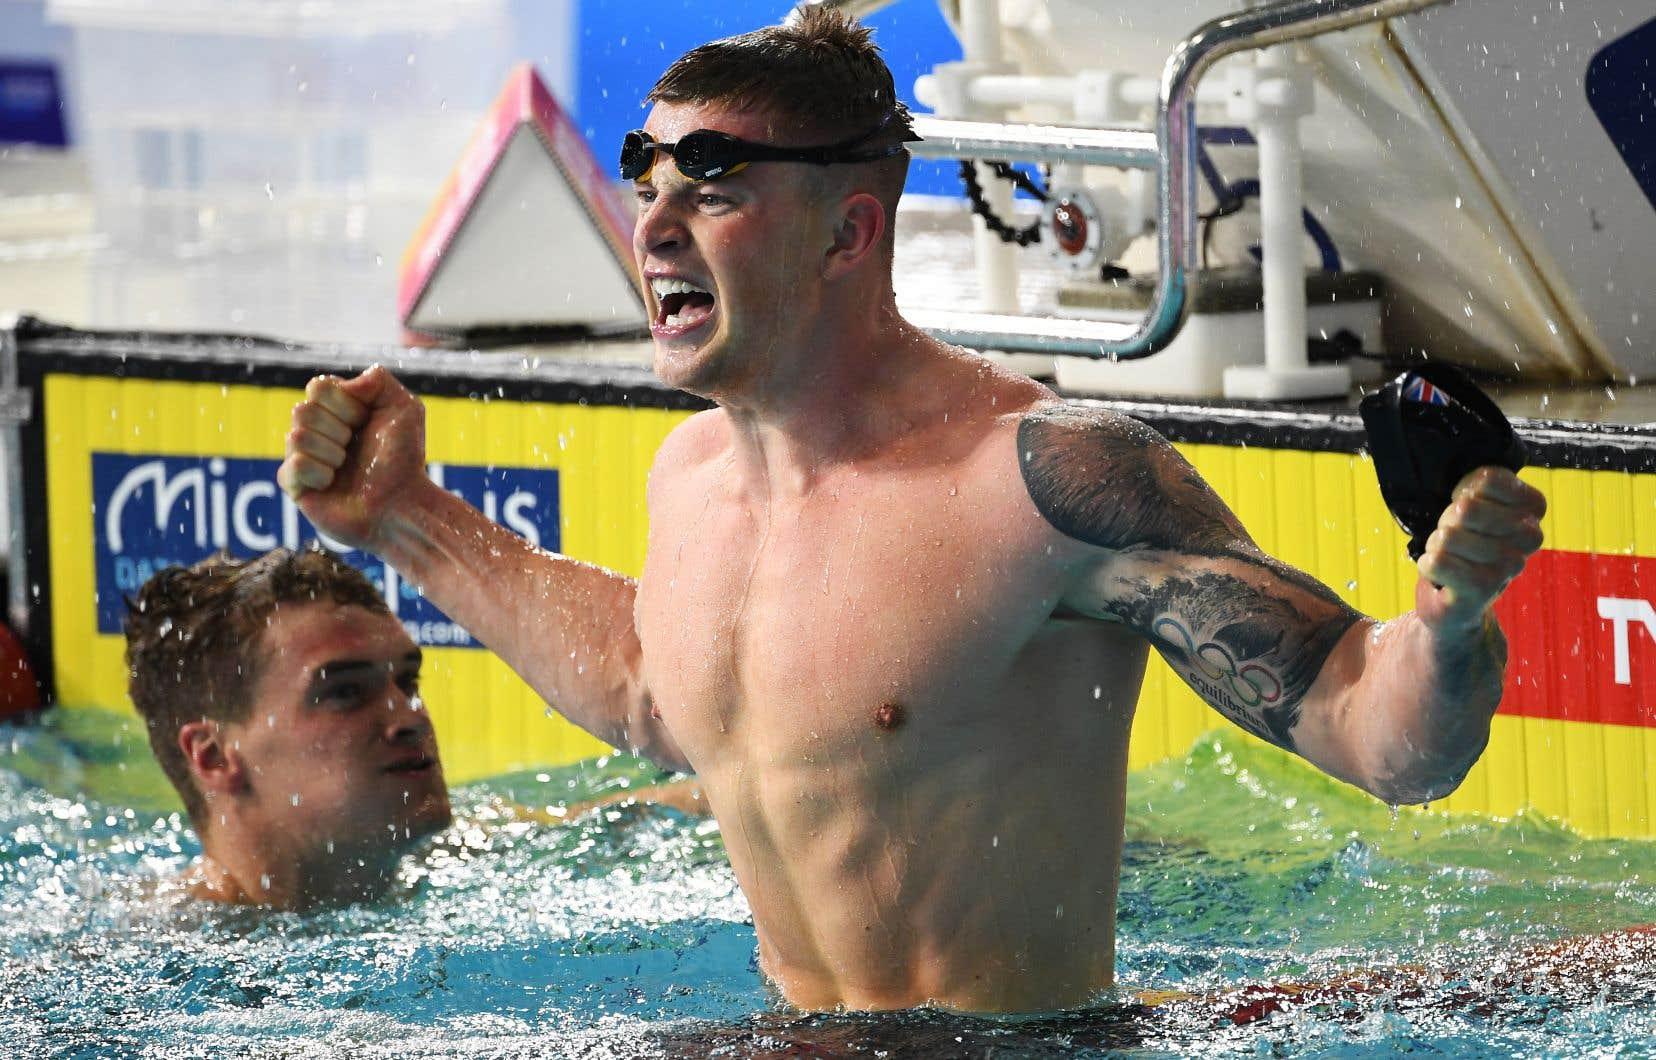 «Mon objectif n'est pas seulement de gagner, je veux dominer», a déclaré samedi le britannique Adam Peaty.